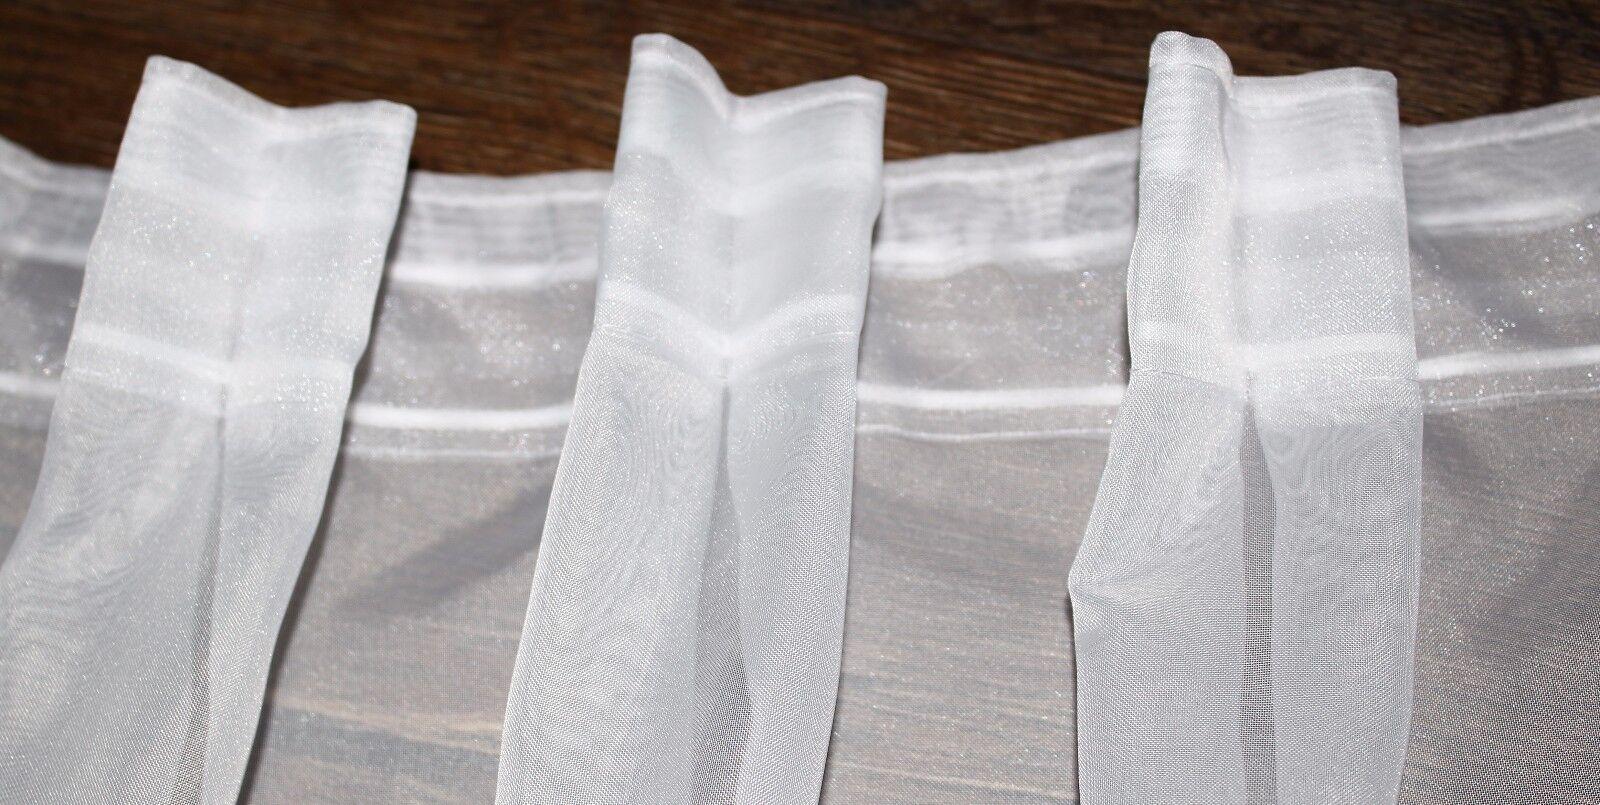 De haute qualité qualité qualité rideau voile store, Plauener dentelle, faltenband 1: 2, sur mesure c2c6bc